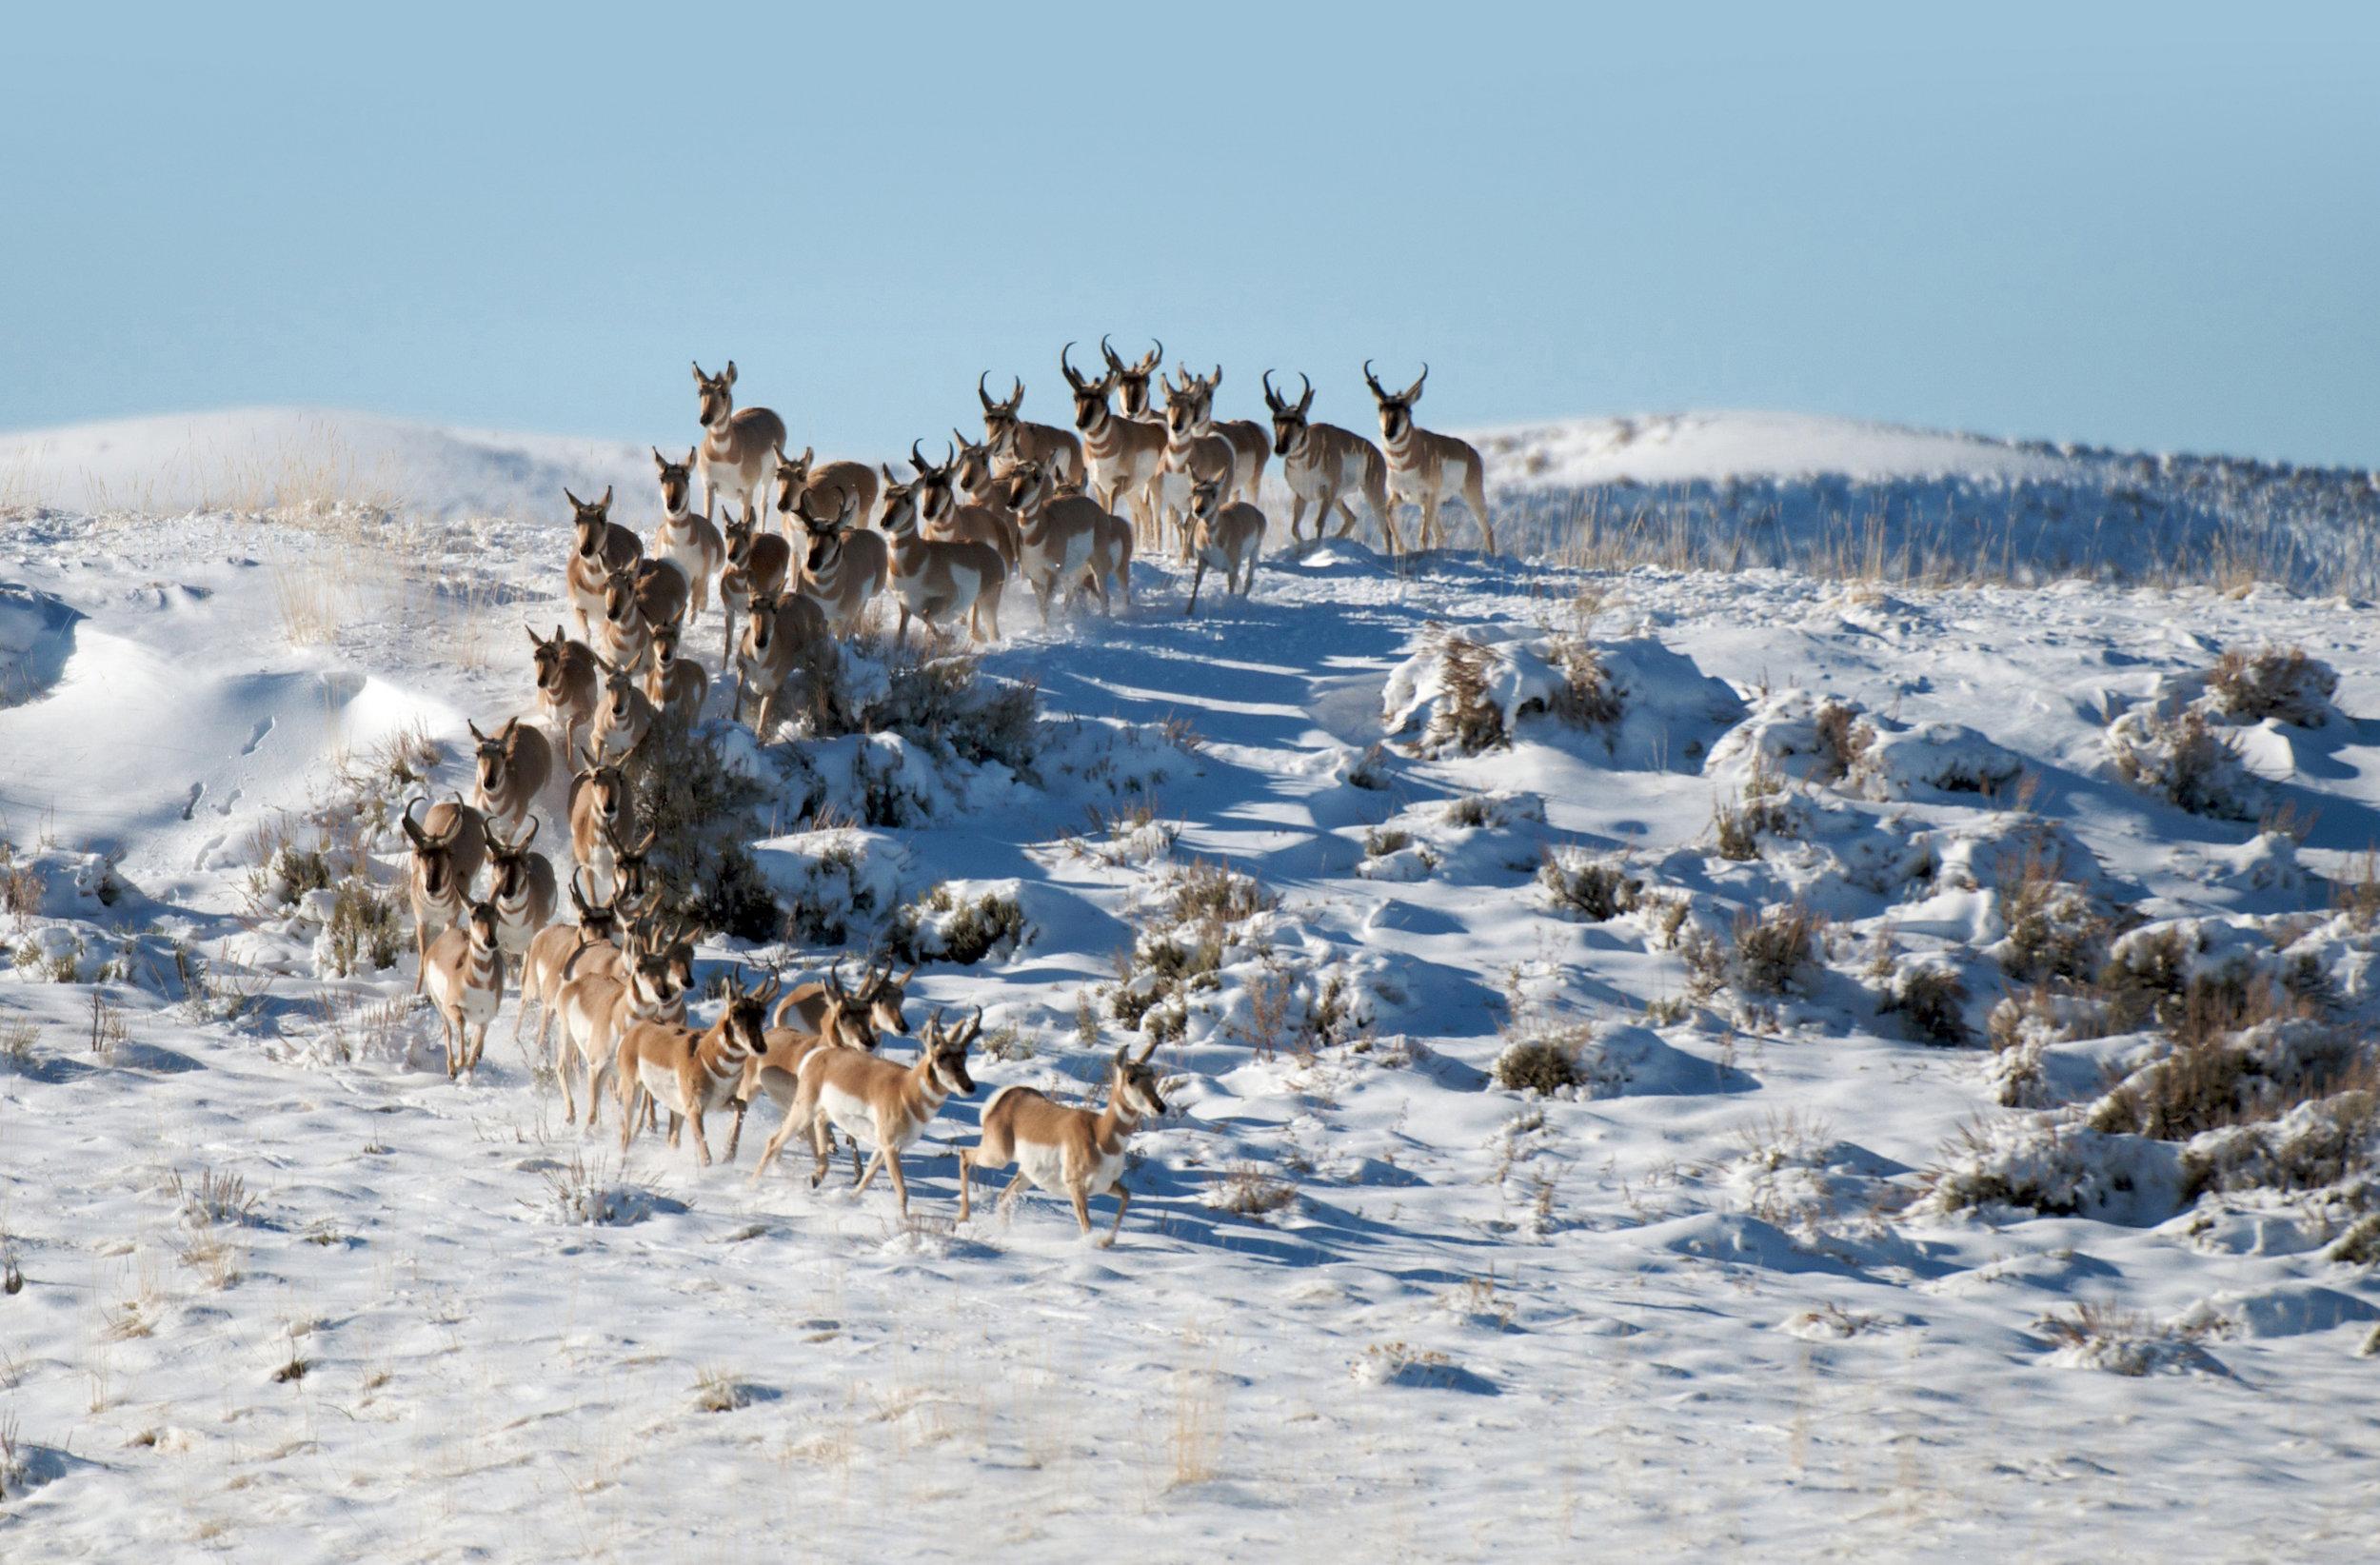 Reindeer_new.jpg